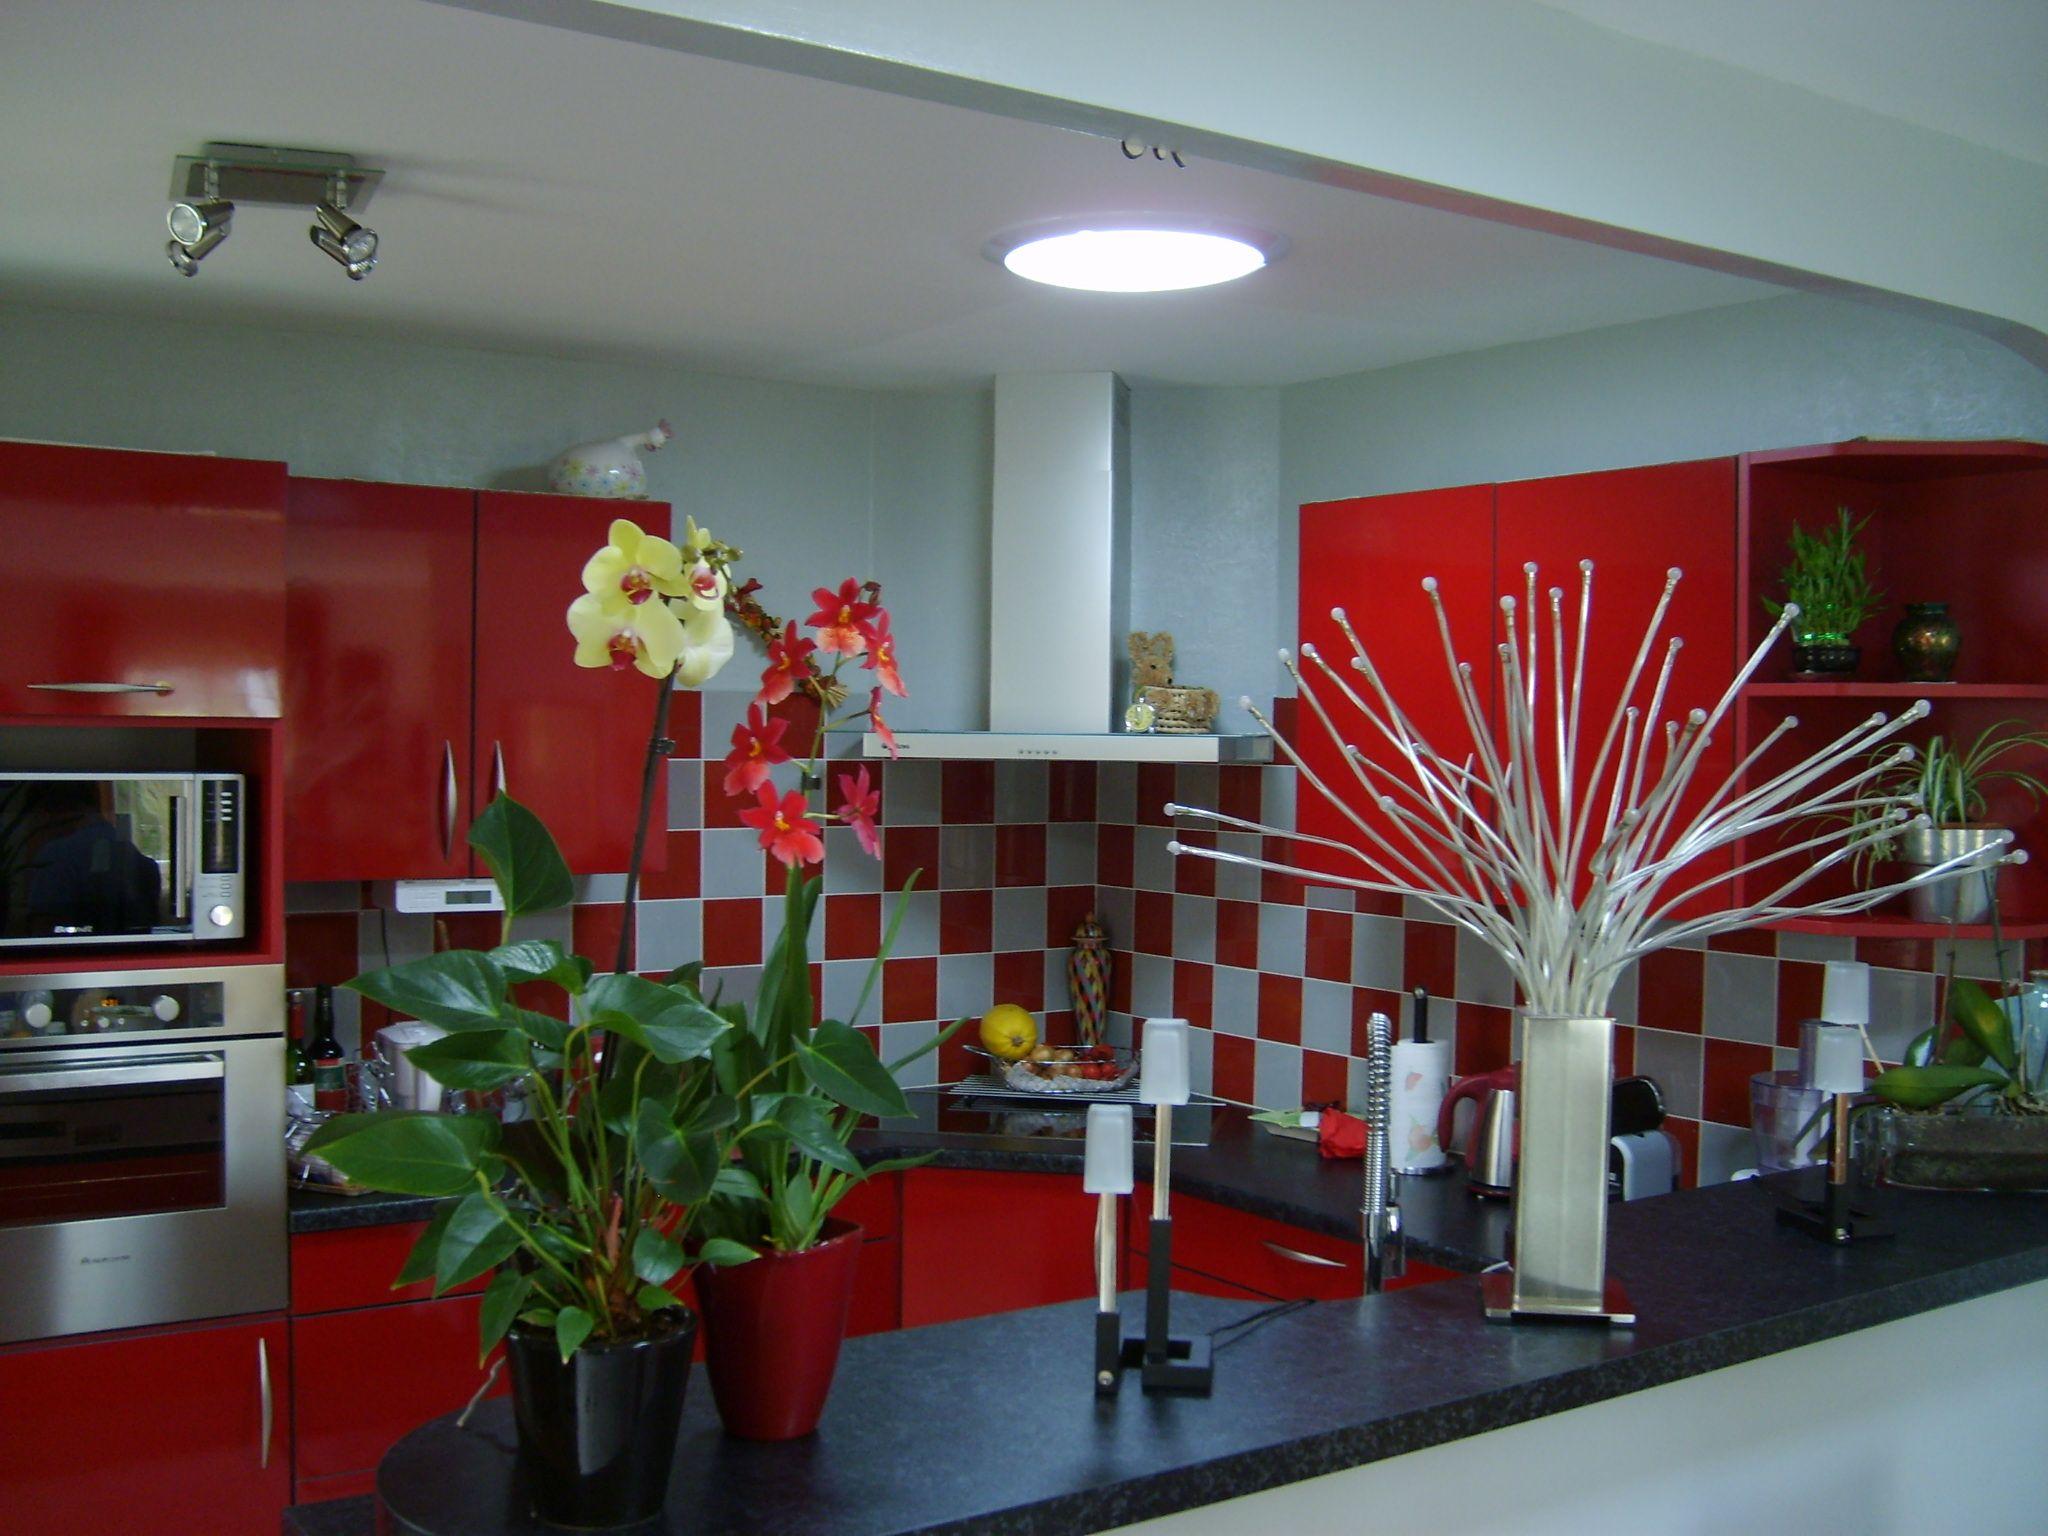 les puits de lumi re solarspot dans votre cuisine. Black Bedroom Furniture Sets. Home Design Ideas